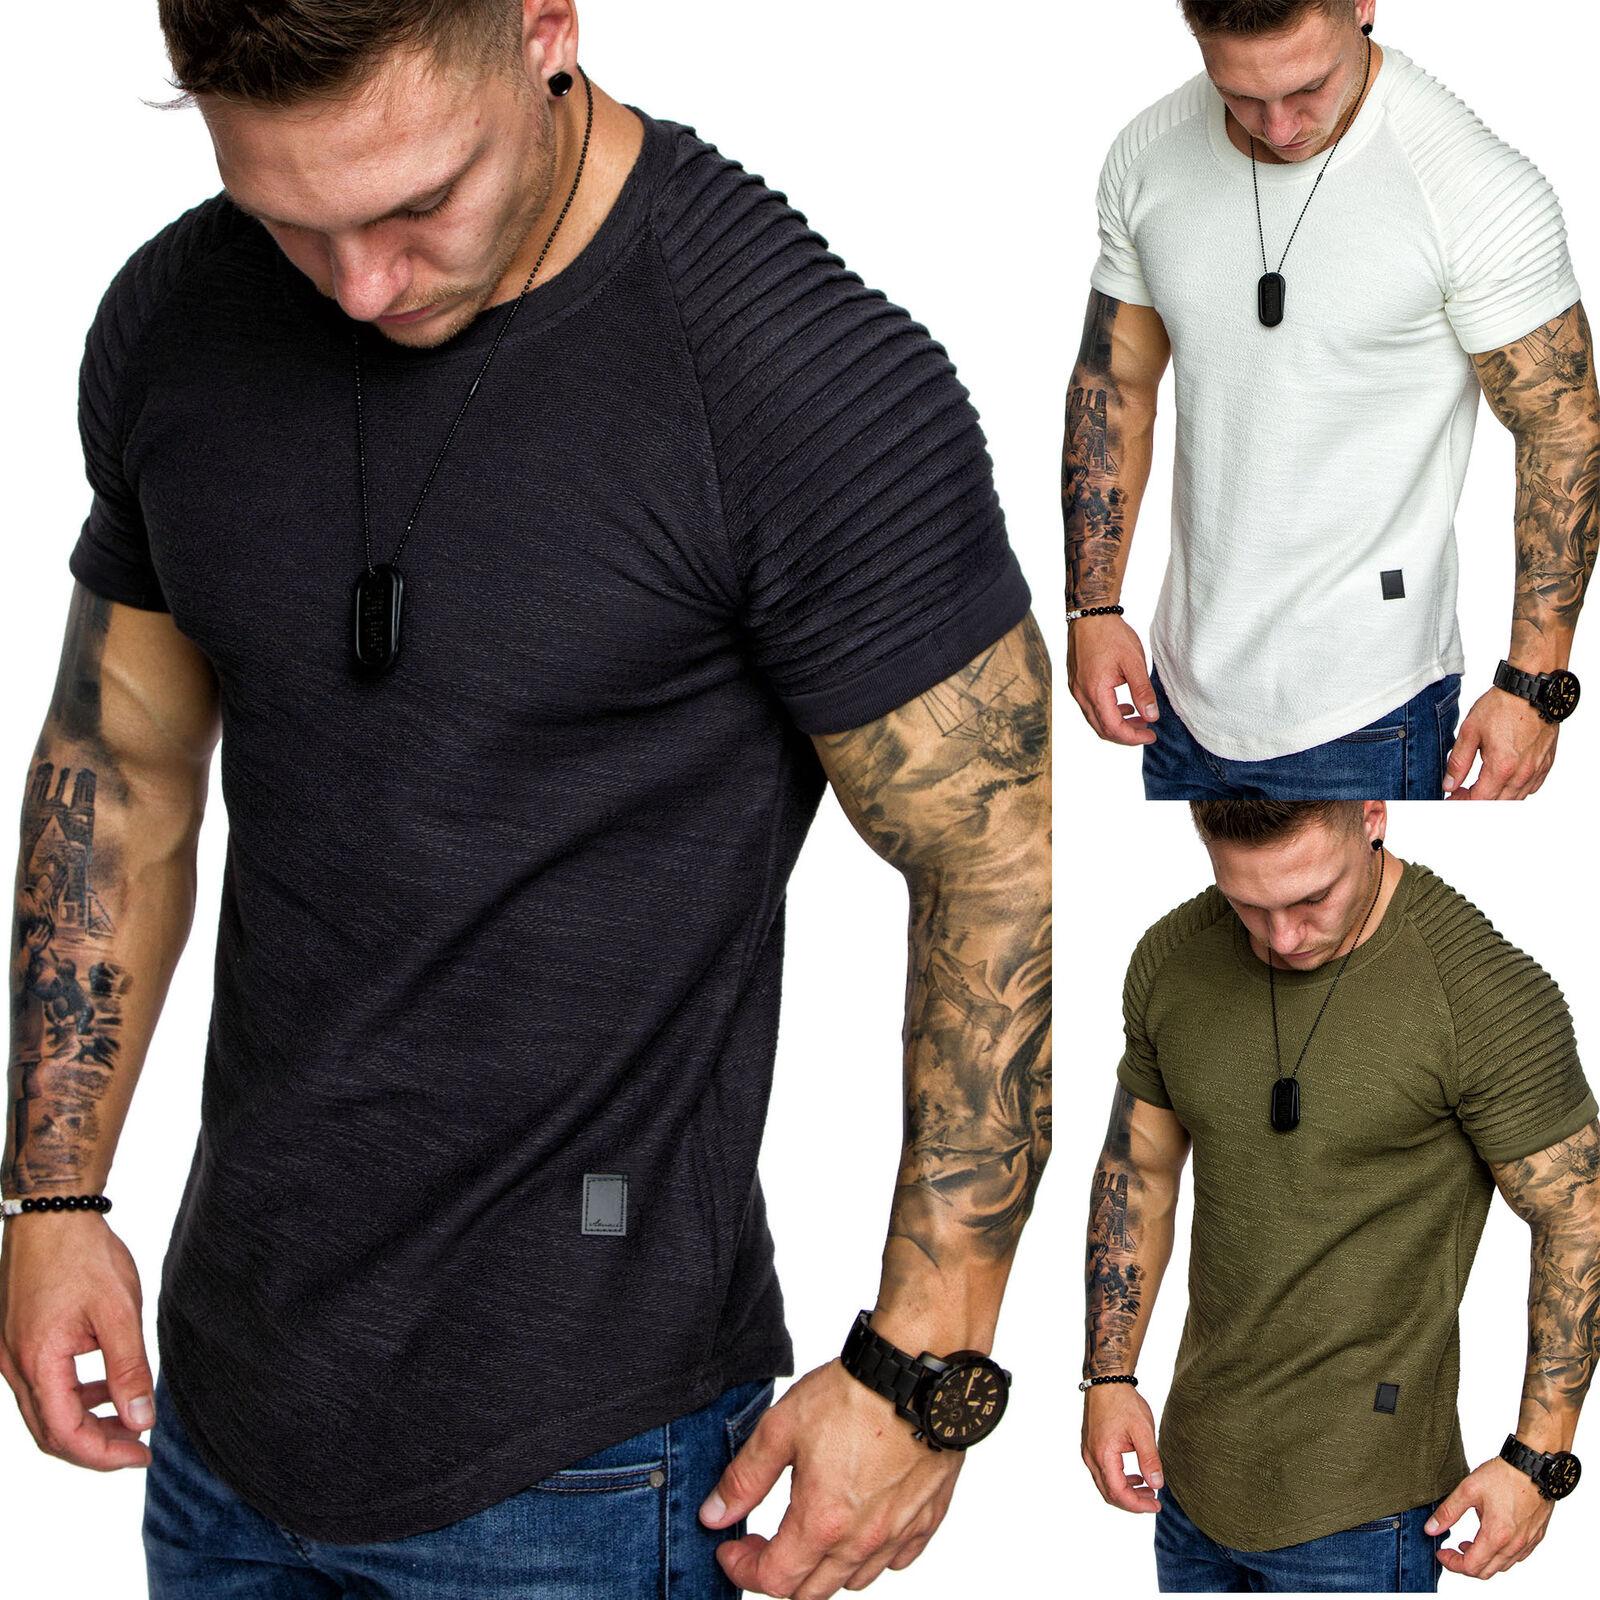 Herren Oversize Vintage Biker-Style Crew-Neck Long Tee T-Shirt Sweatshirt 6068